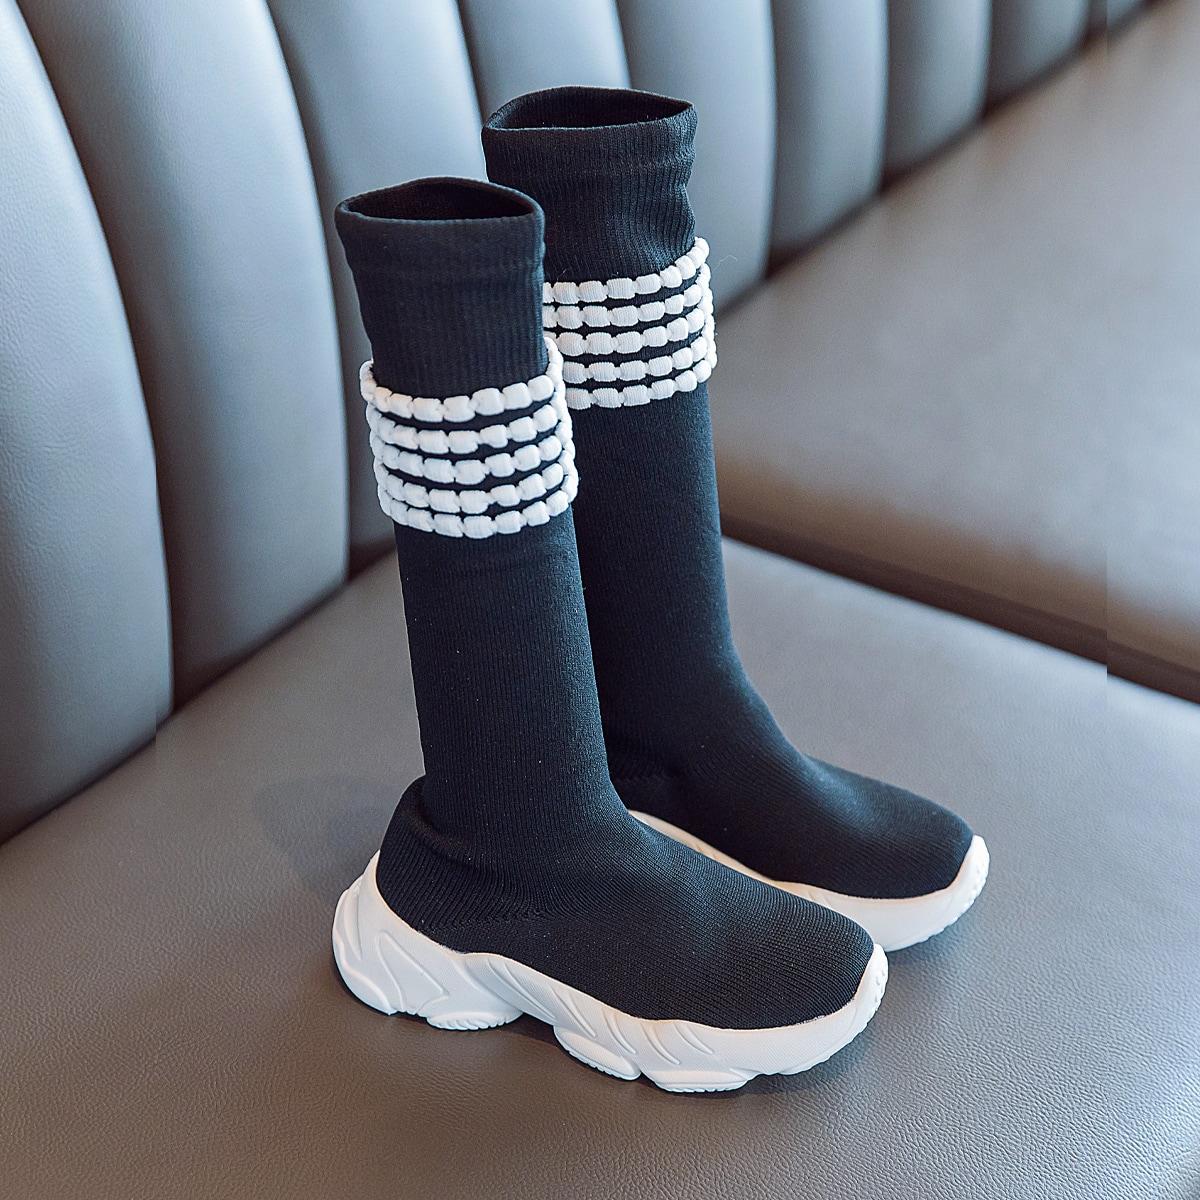 Сапоги-носки с полосками для девочек